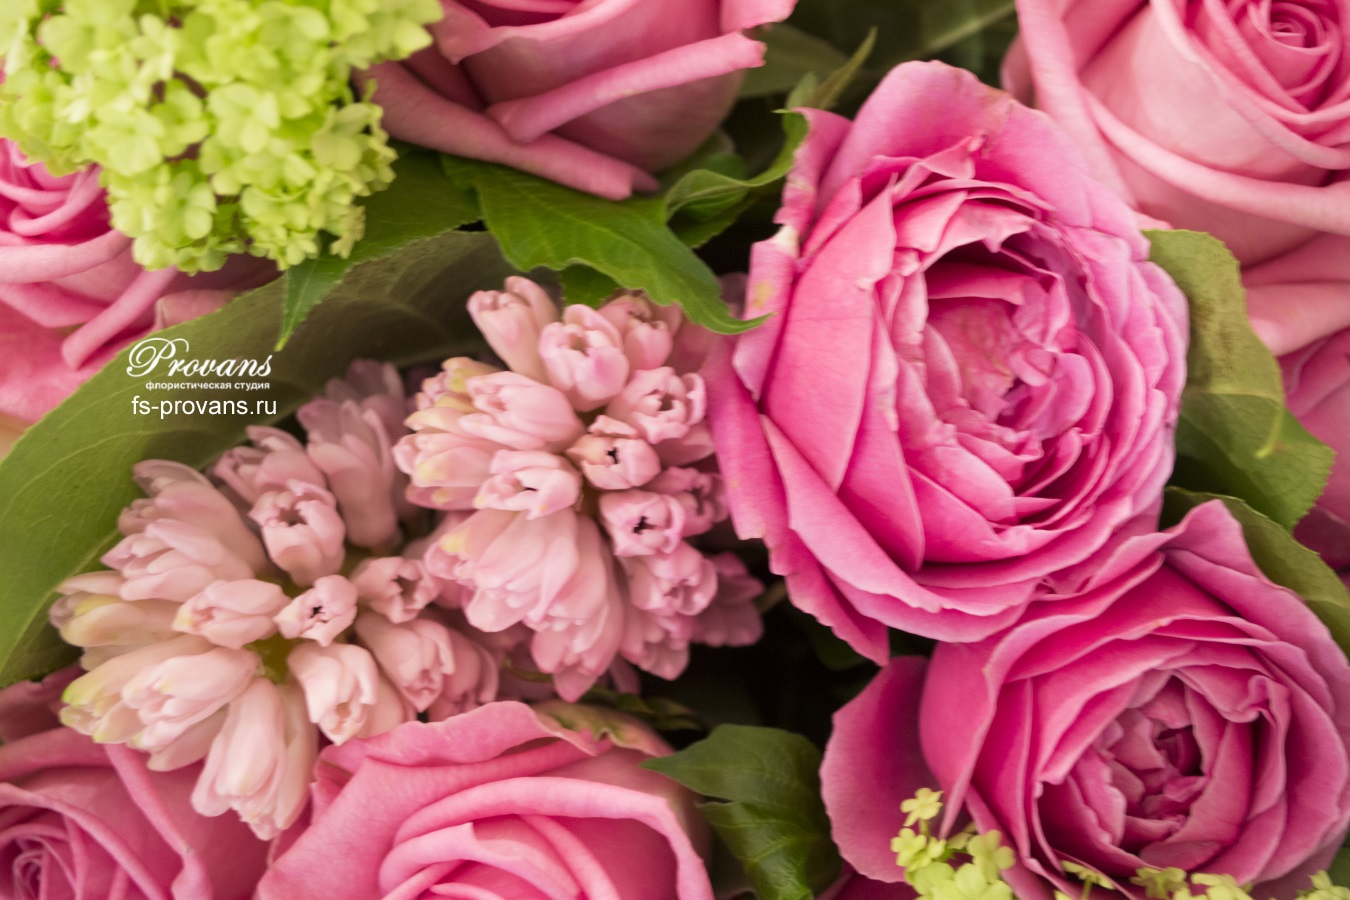 Букет на день рождения. Пионовидные розы, анемоны, гиацинты